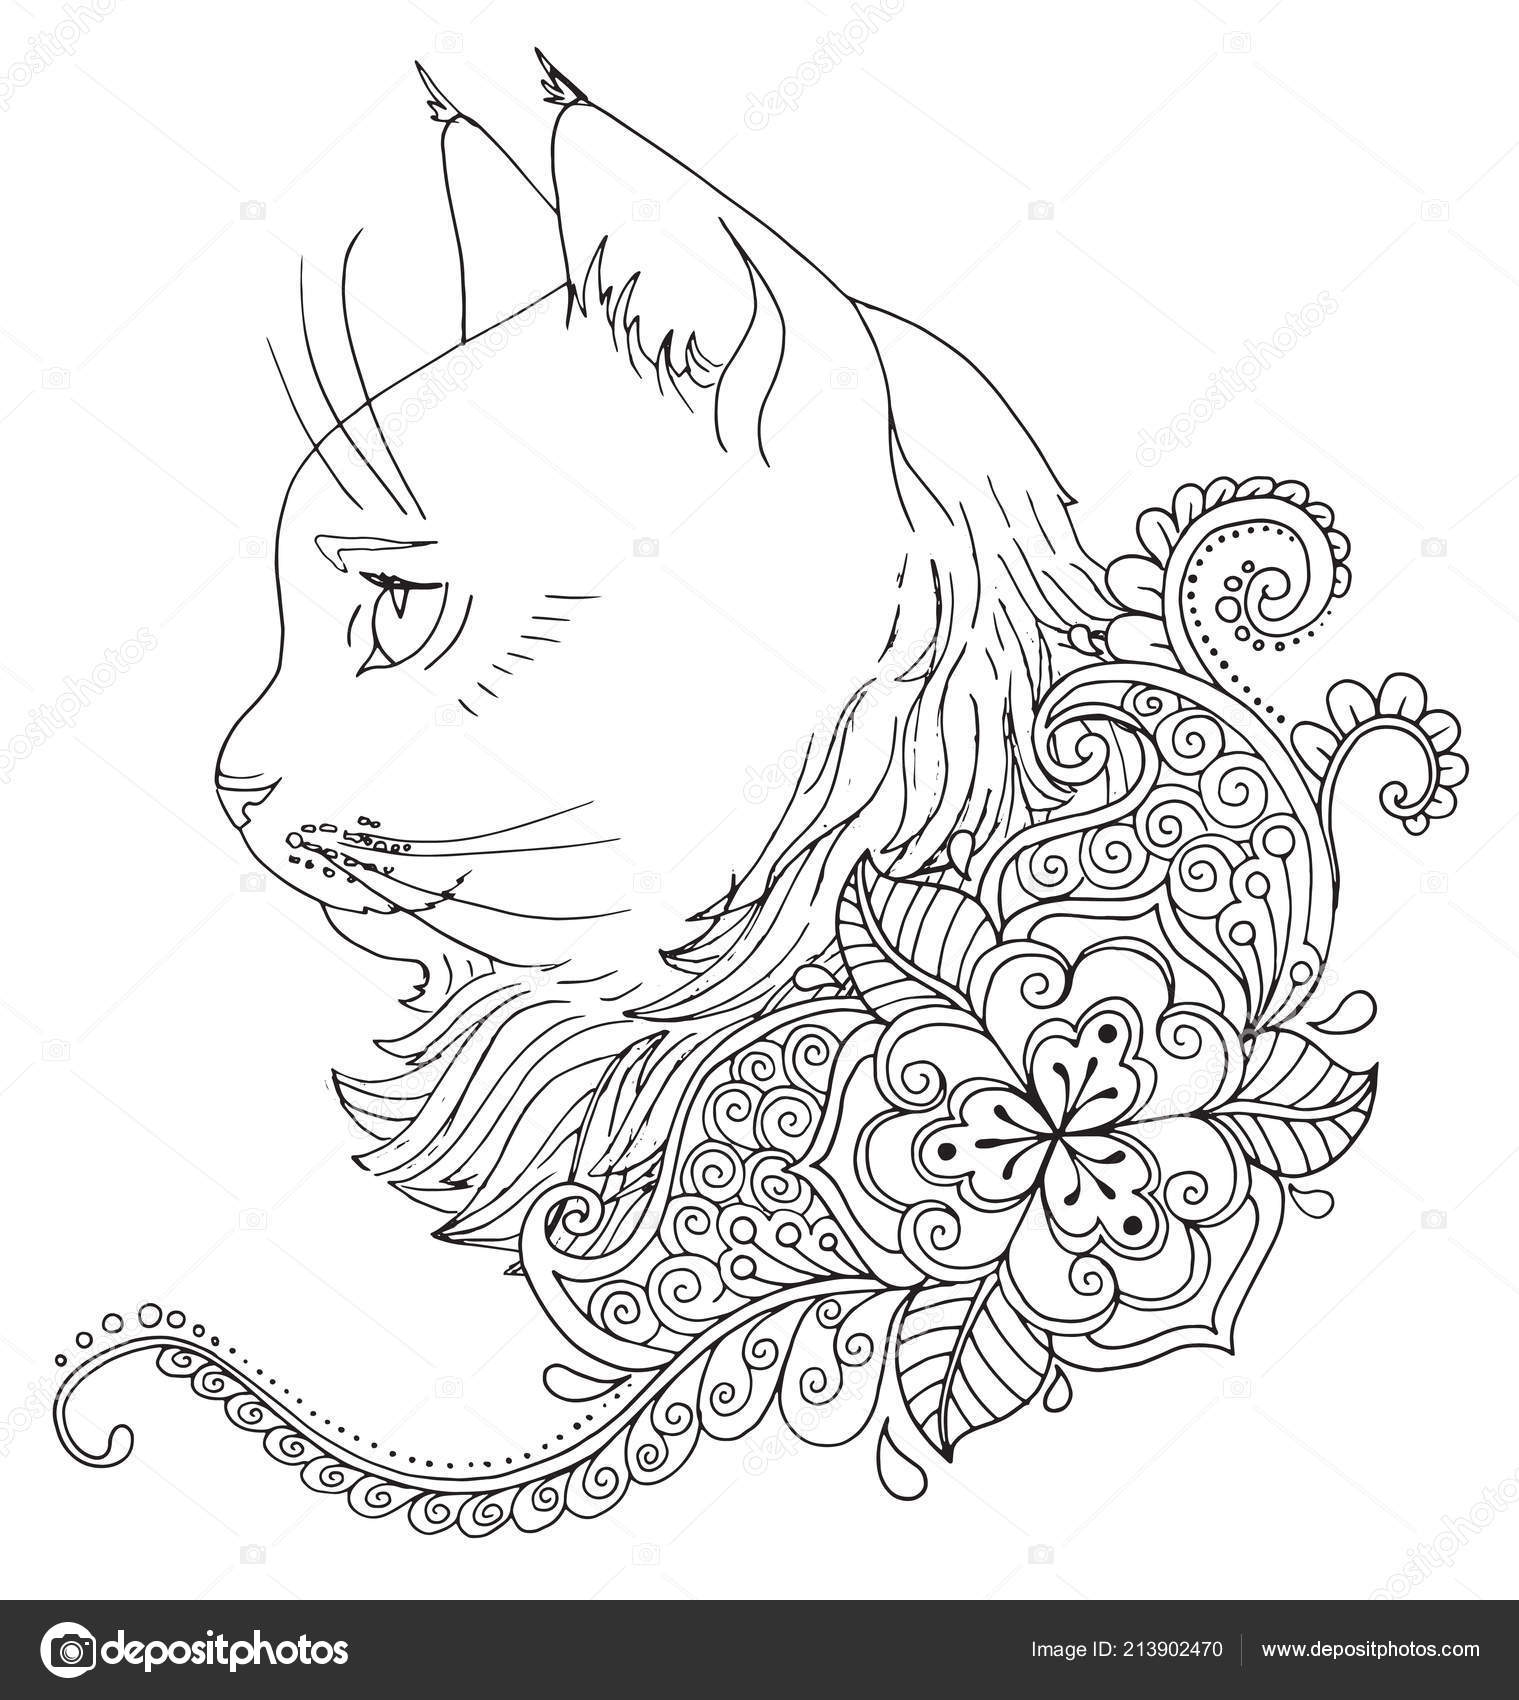 Coloriage Chat Pour Adulte.Livre De Coloriage Chat Image Vectorielle Snowkat C 213902470